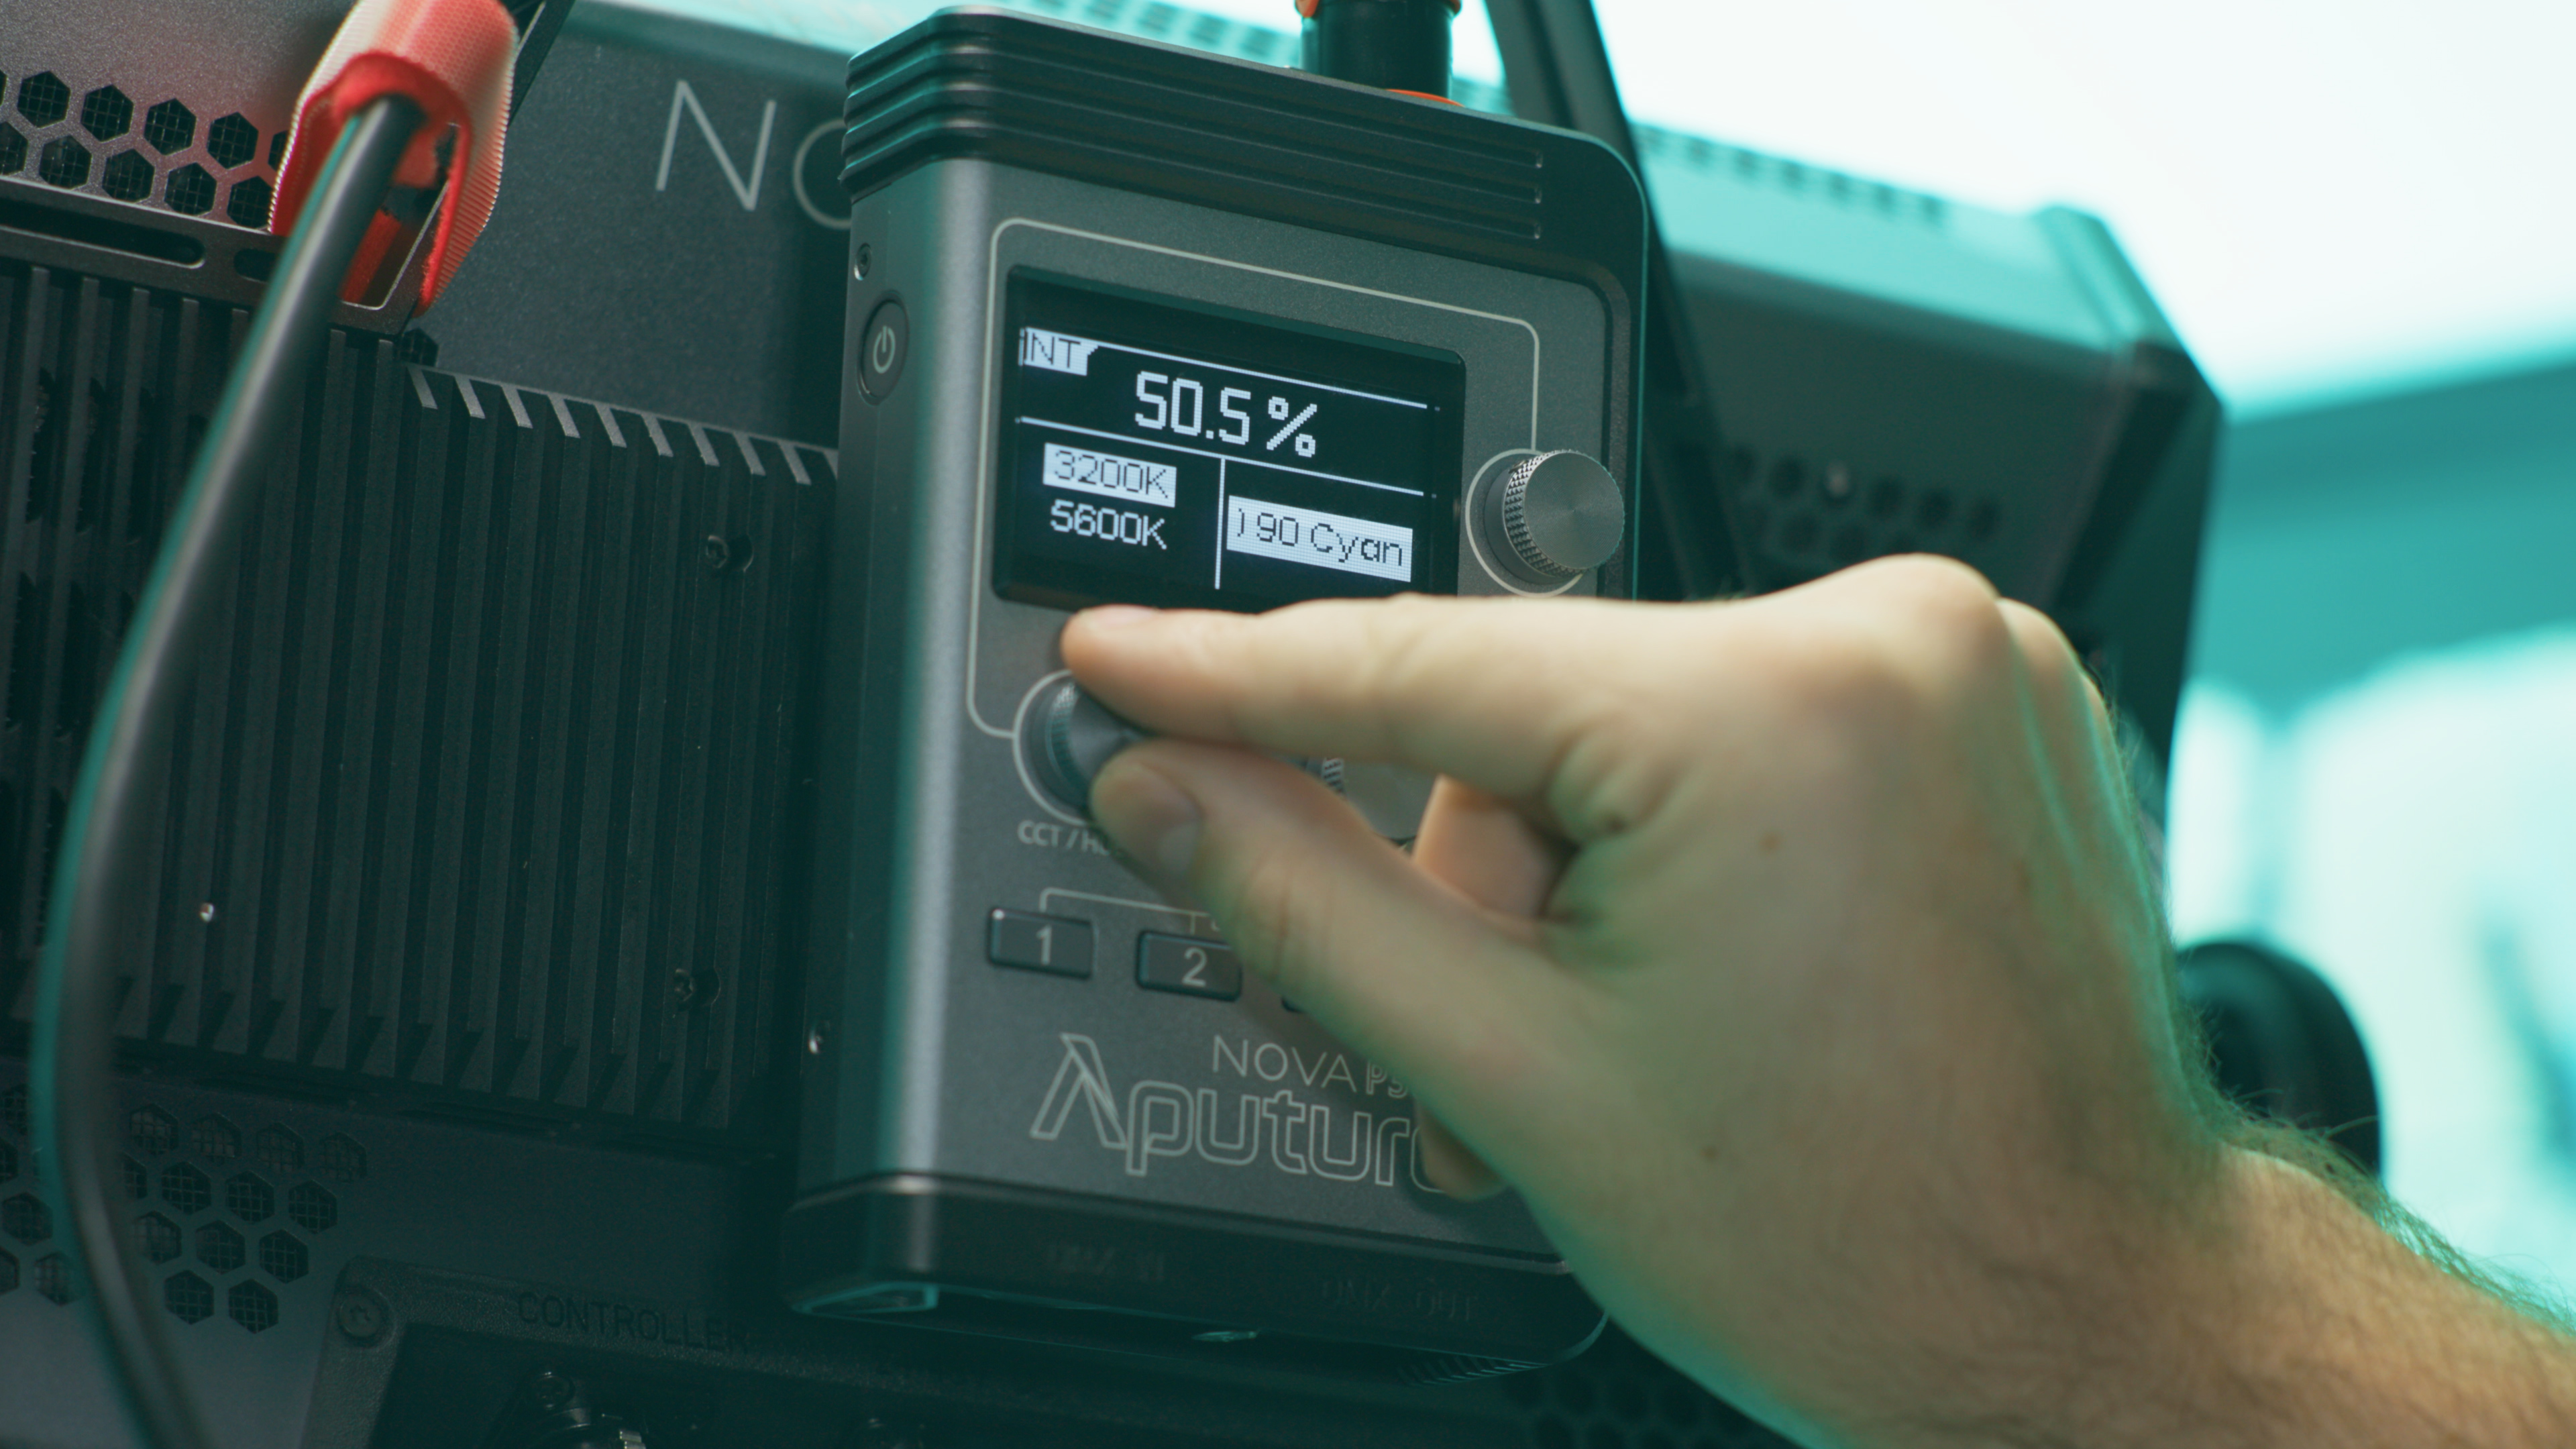 Aputure Nova P300c LED Panel // Tool Talk 24